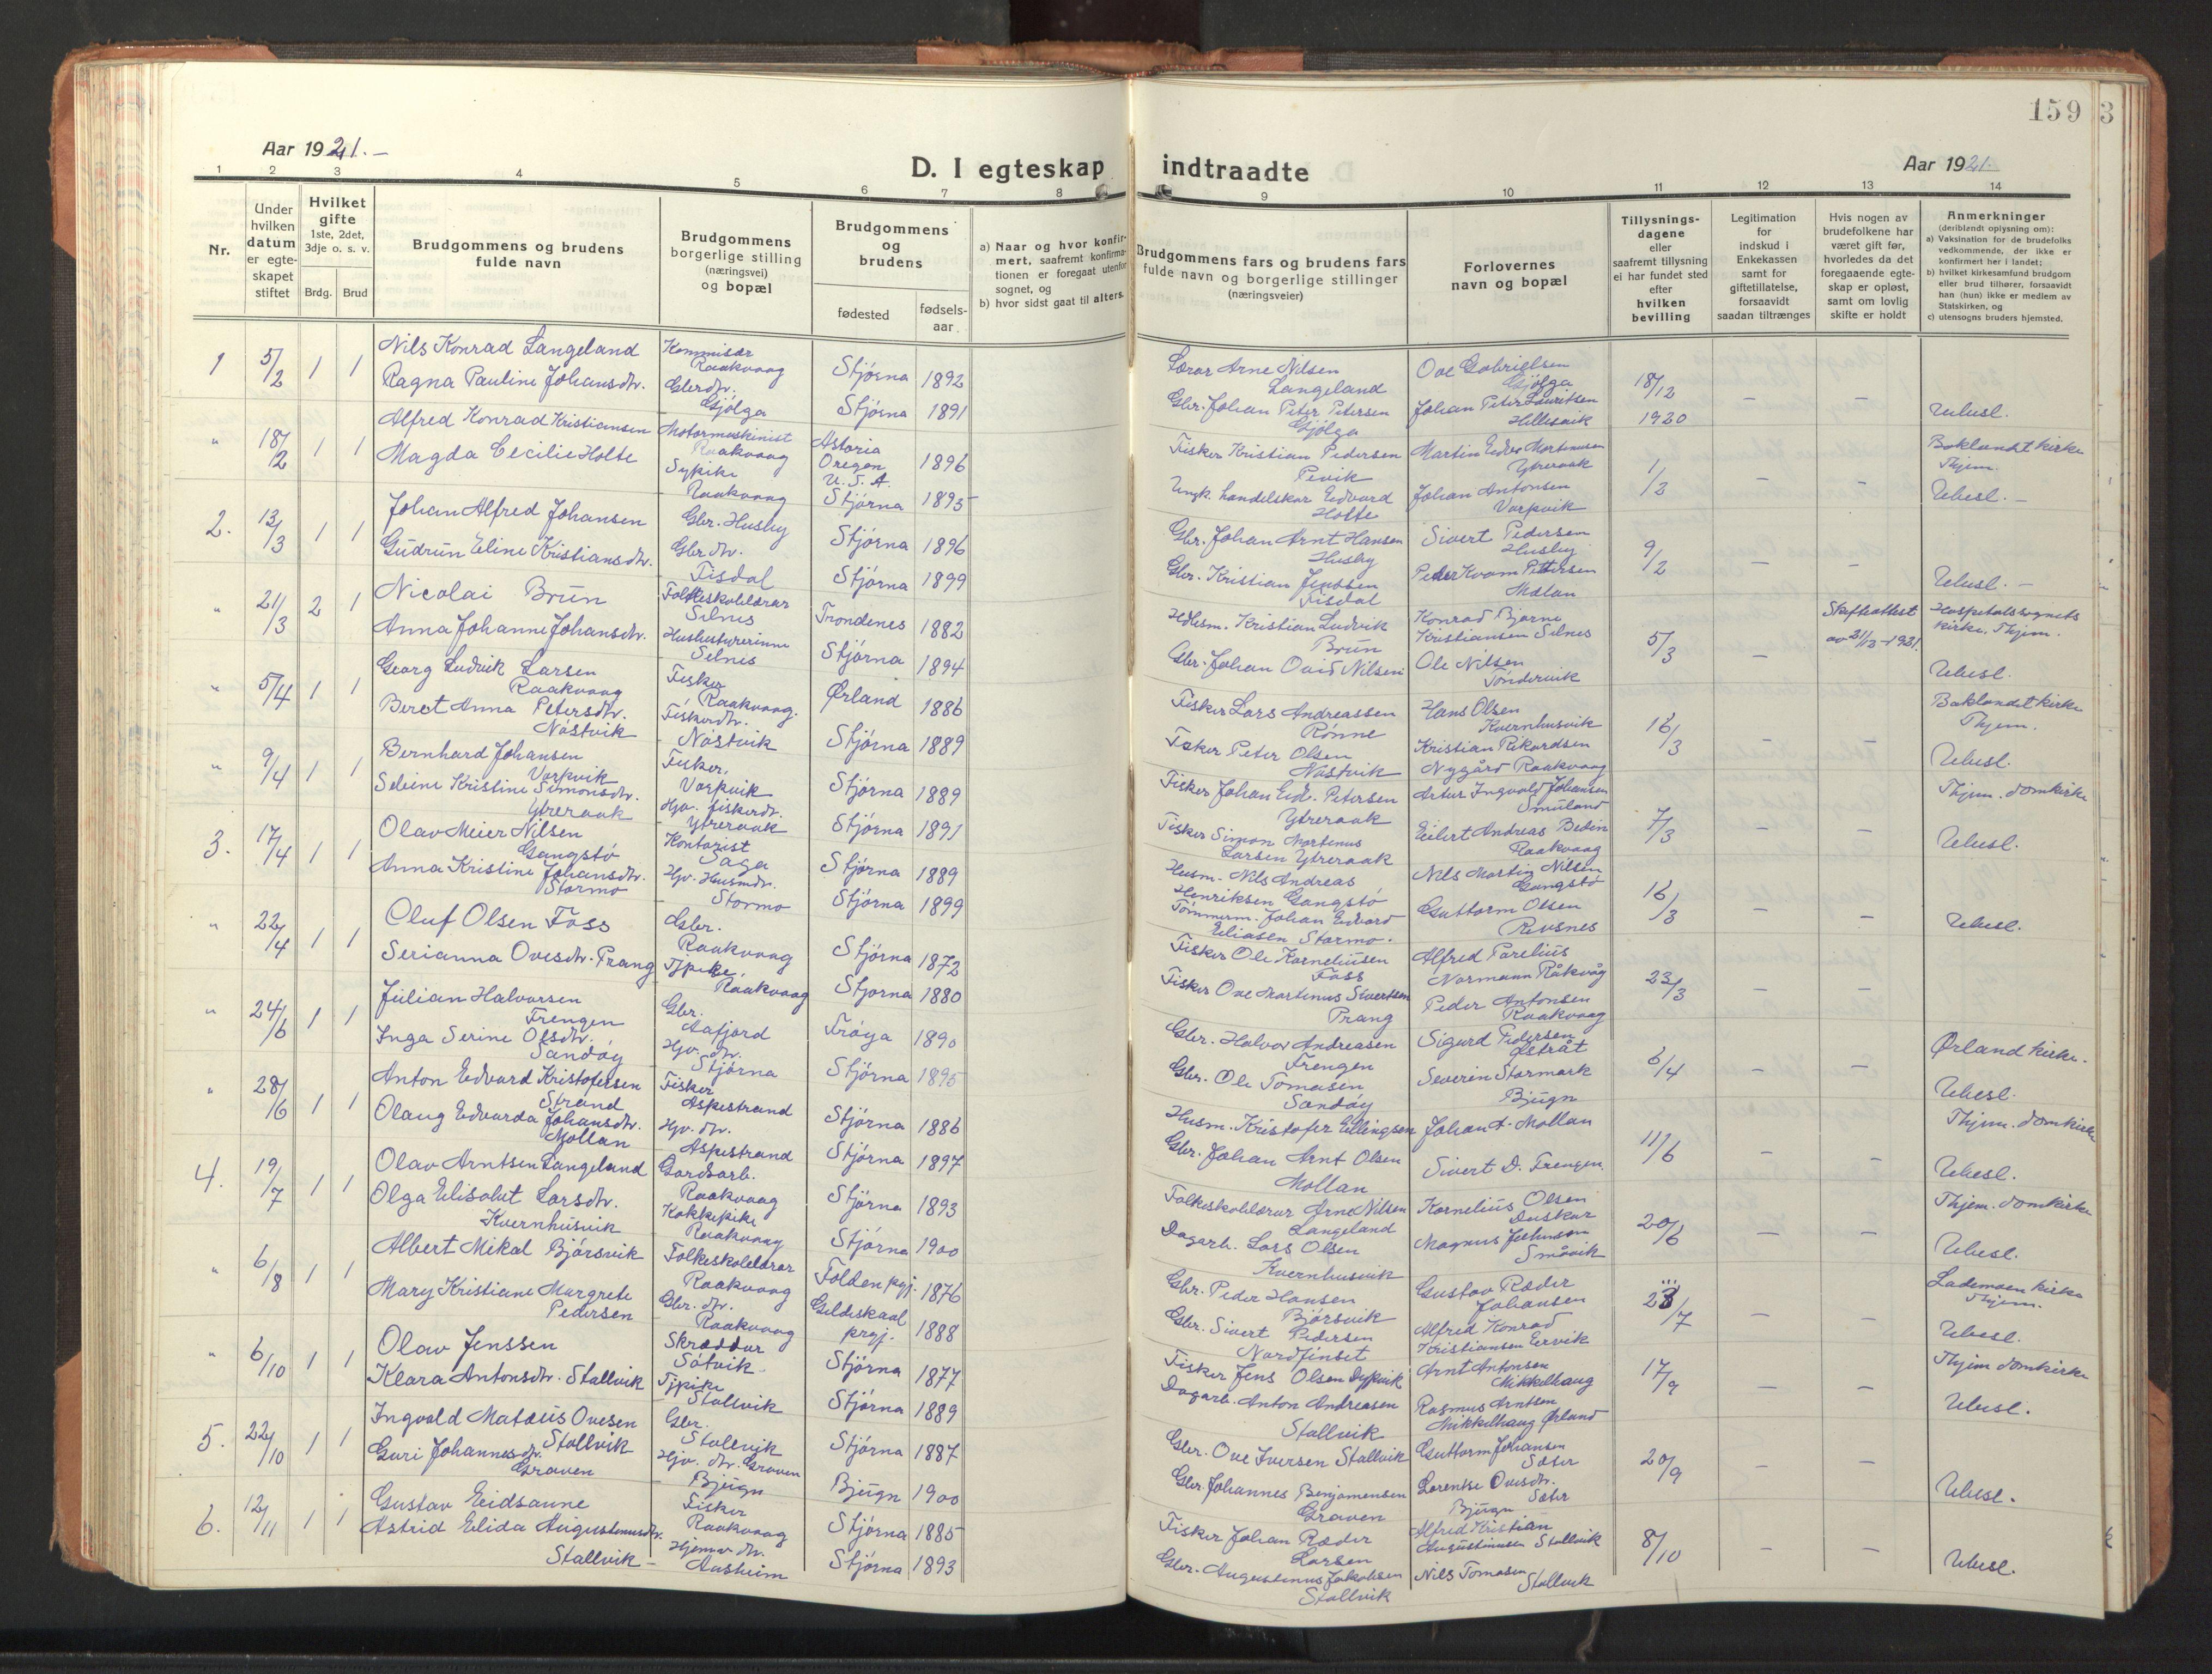 SAT, Ministerialprotokoller, klokkerbøker og fødselsregistre - Sør-Trøndelag, 653/L0658: Klokkerbok nr. 653C02, 1919-1947, s. 159